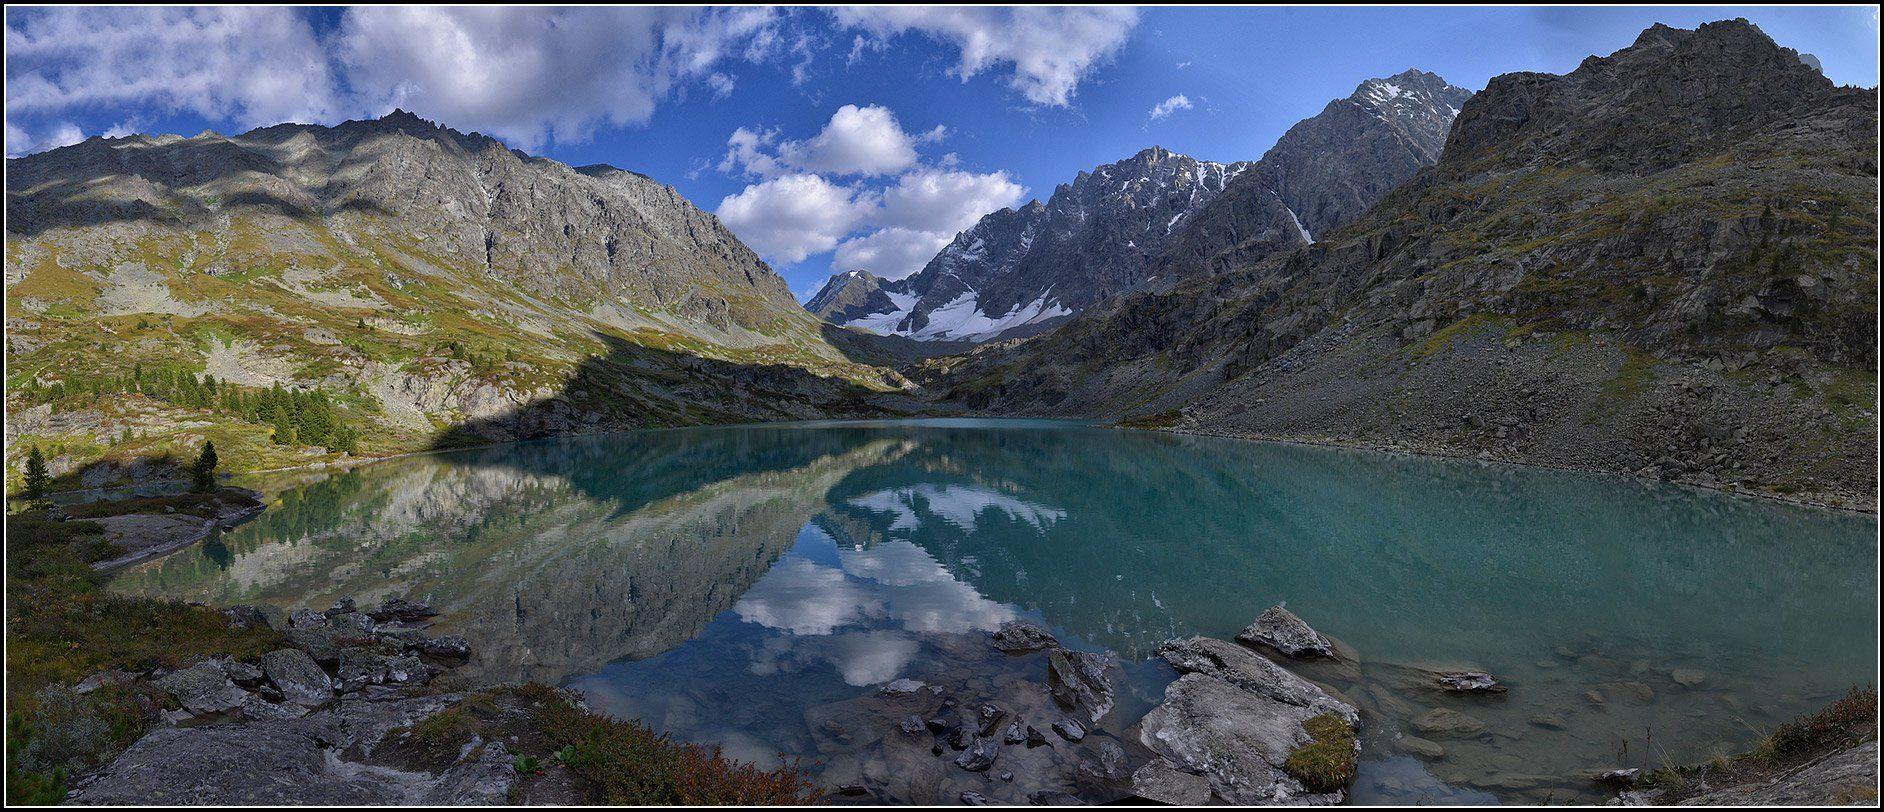 алтай, лето, оз.куйгук, панорама, Анатолий Довыденко